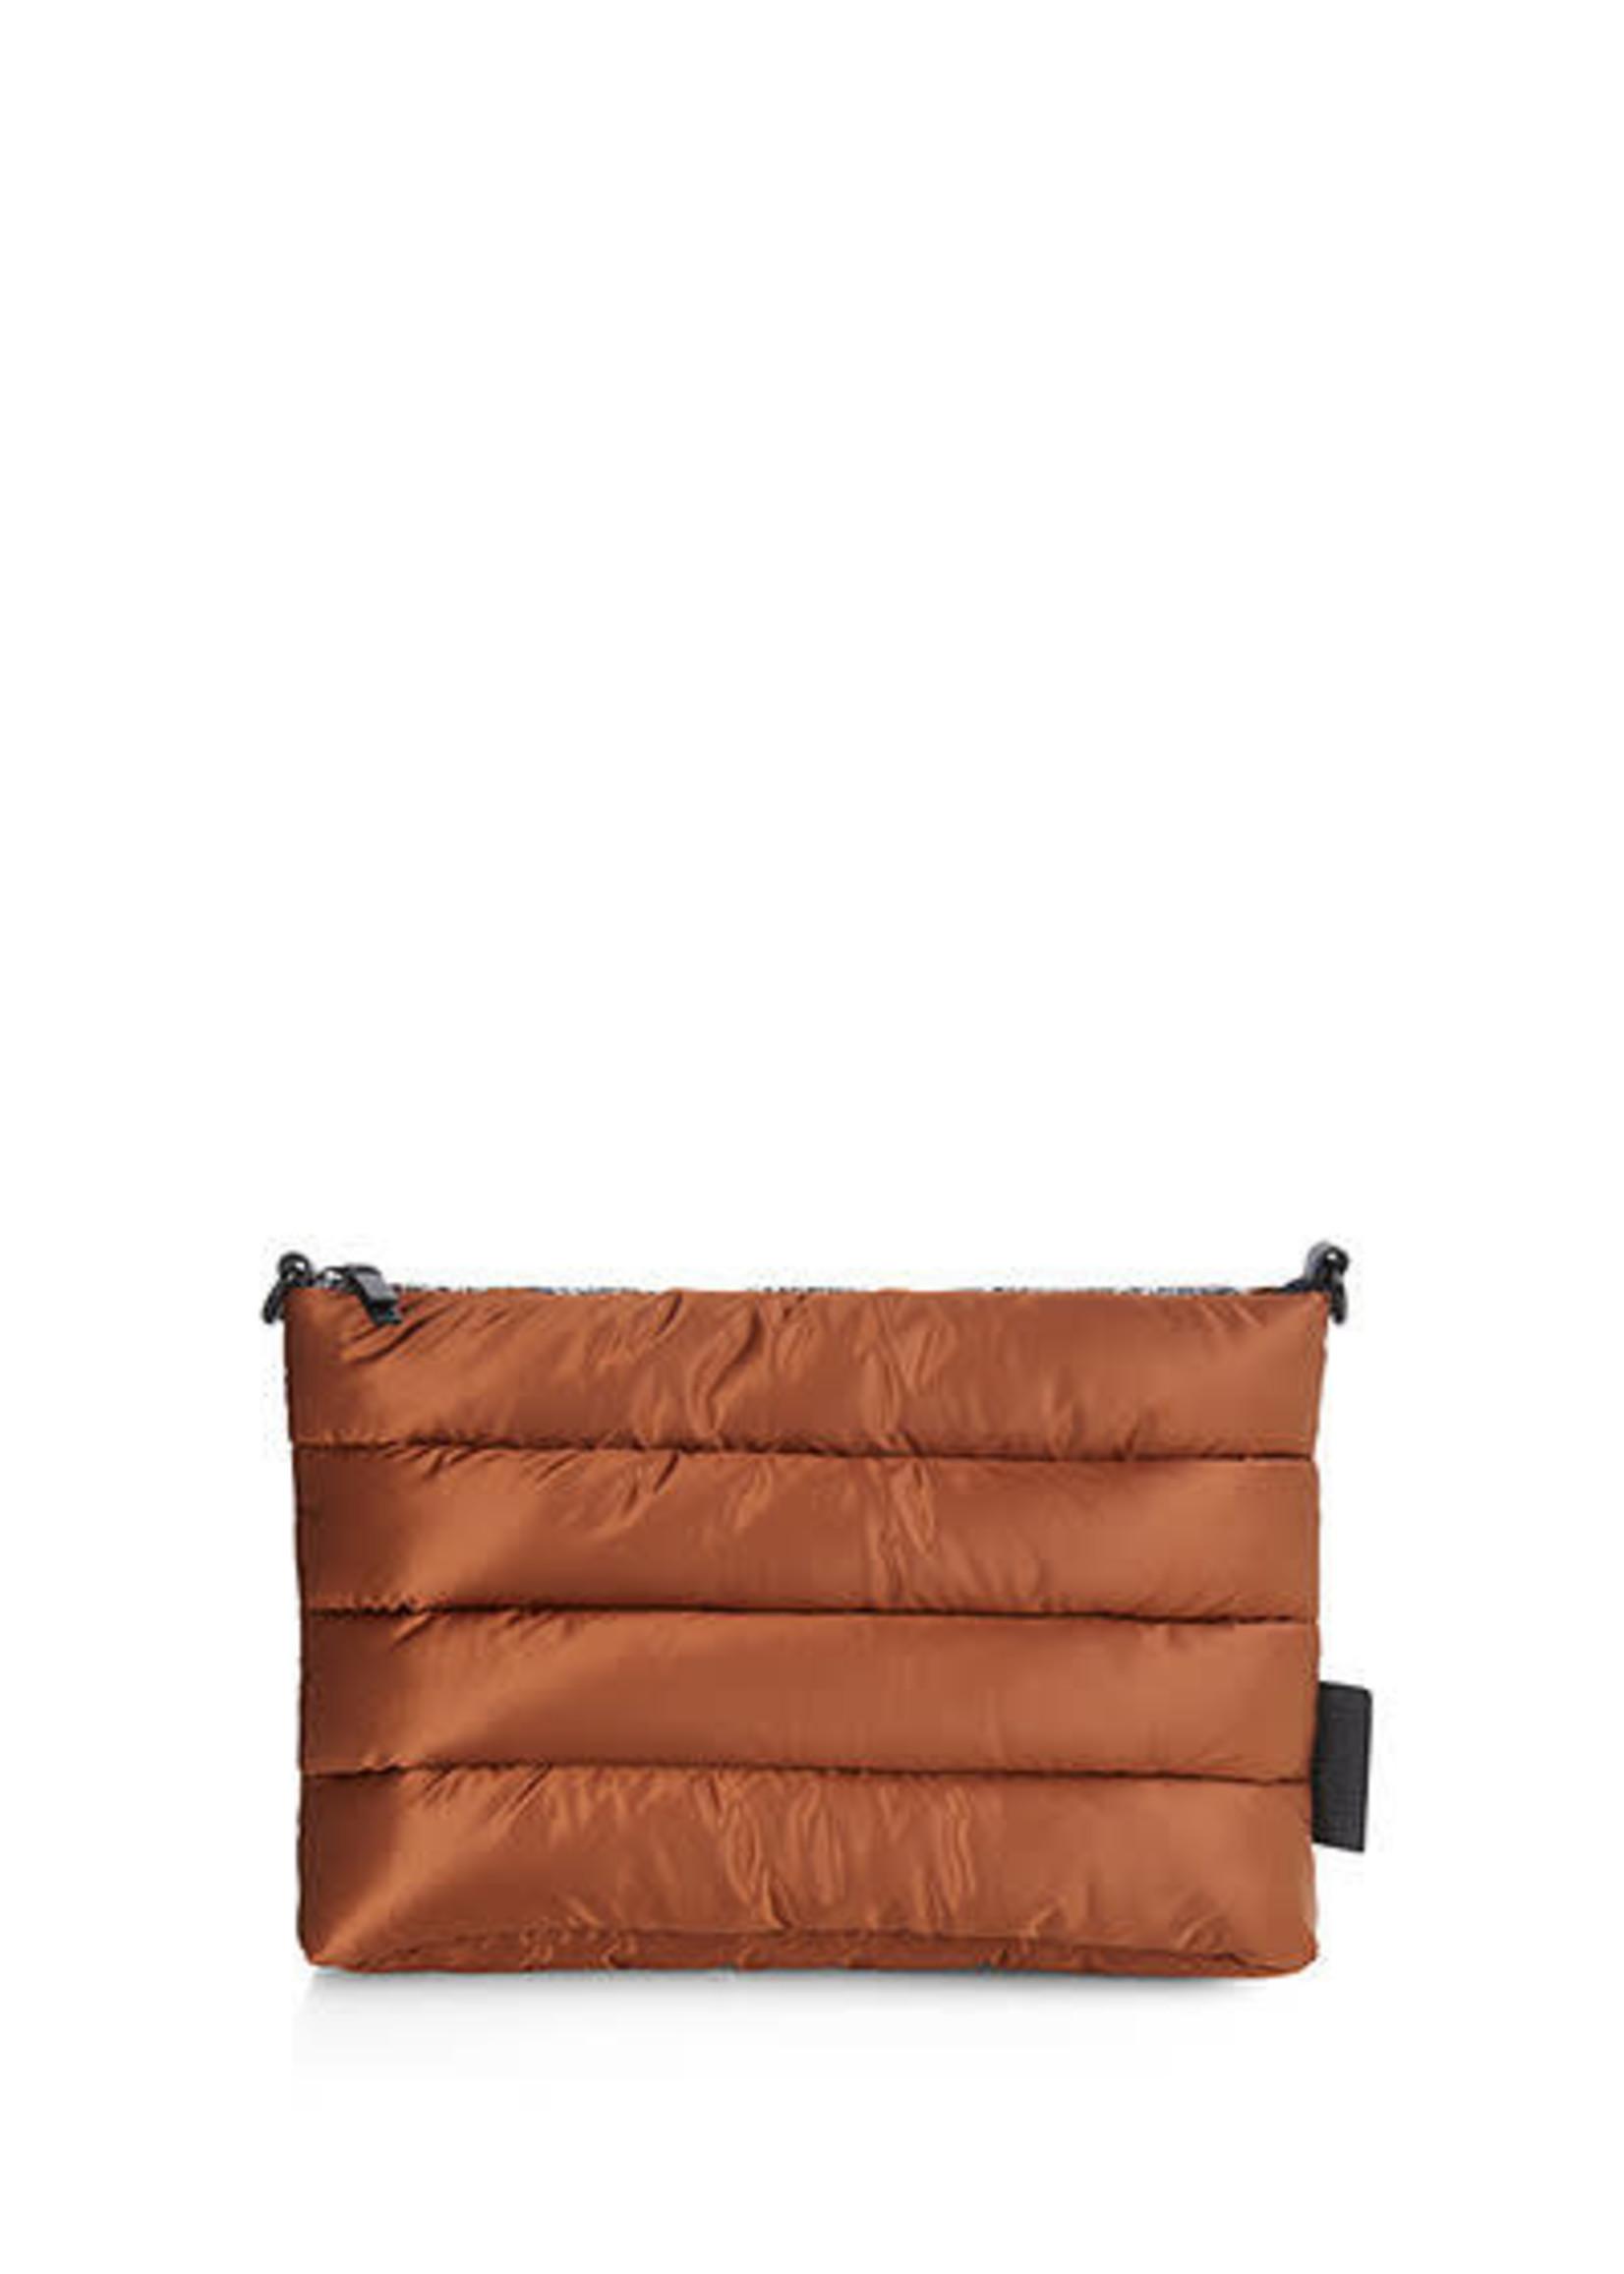 Marccain Bags & Shoes Shopper RB TI.13 W17 sienna